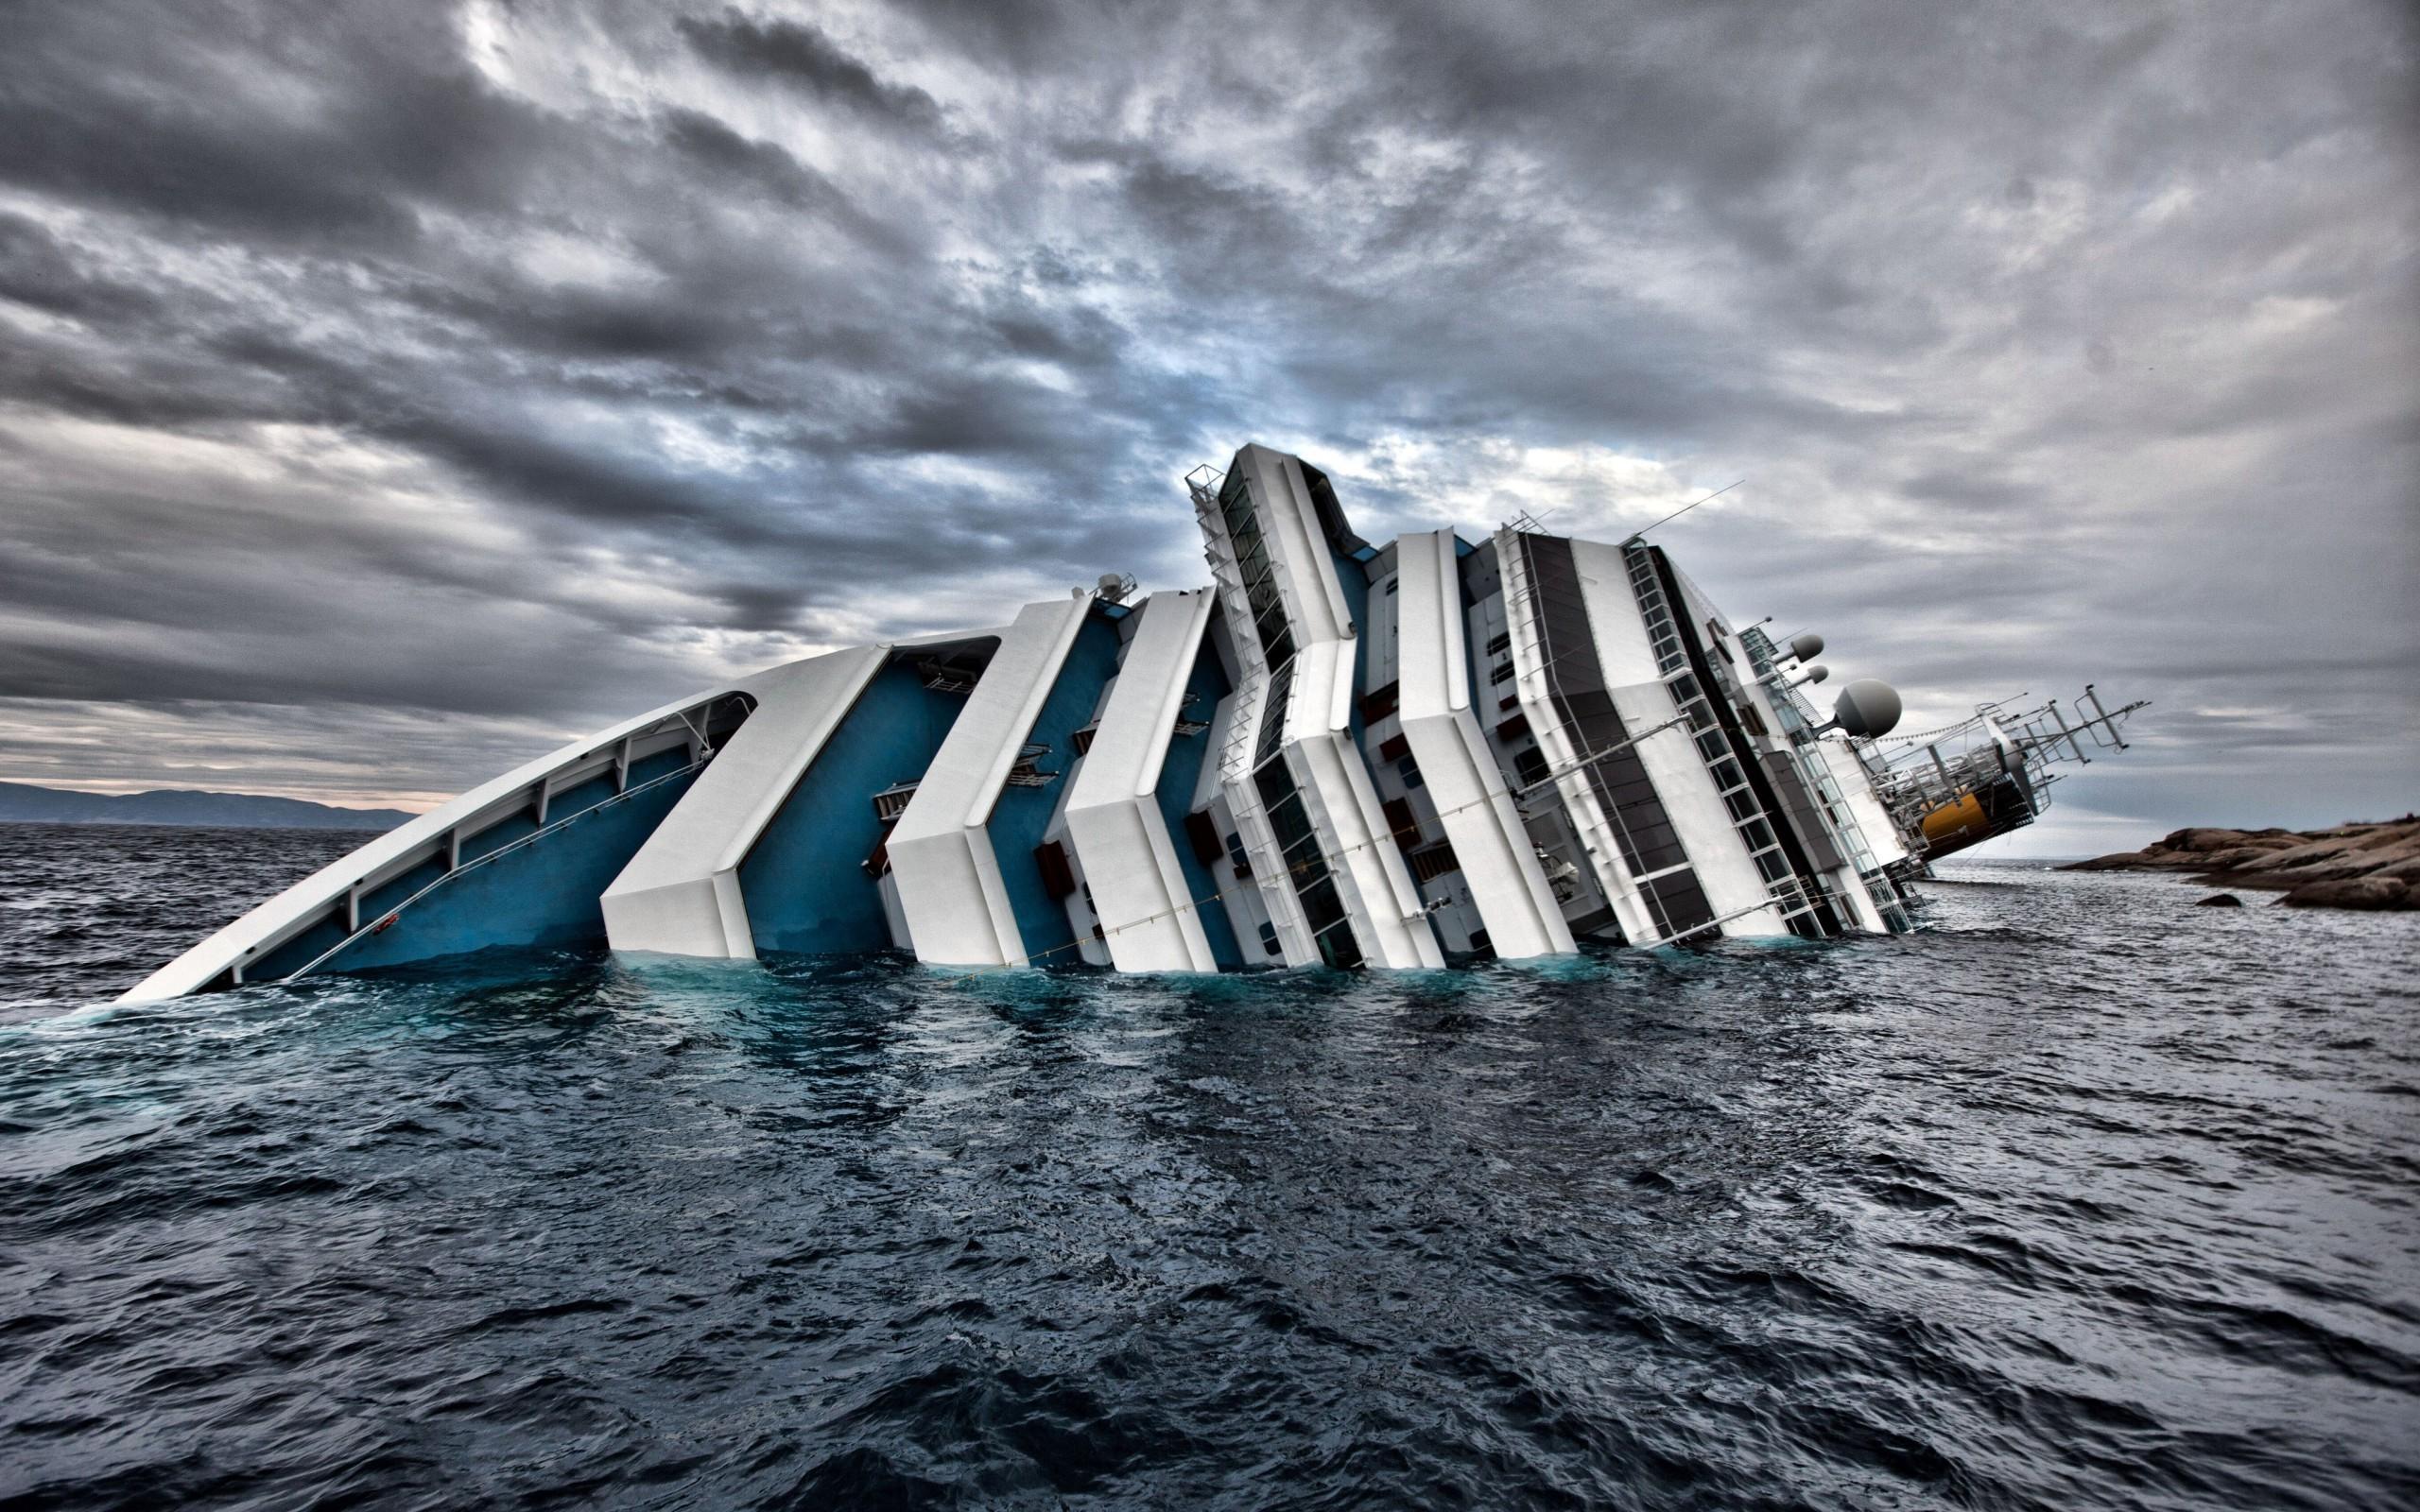 Costa Concordia Disaster Crash Ship Cruise Ship Sea